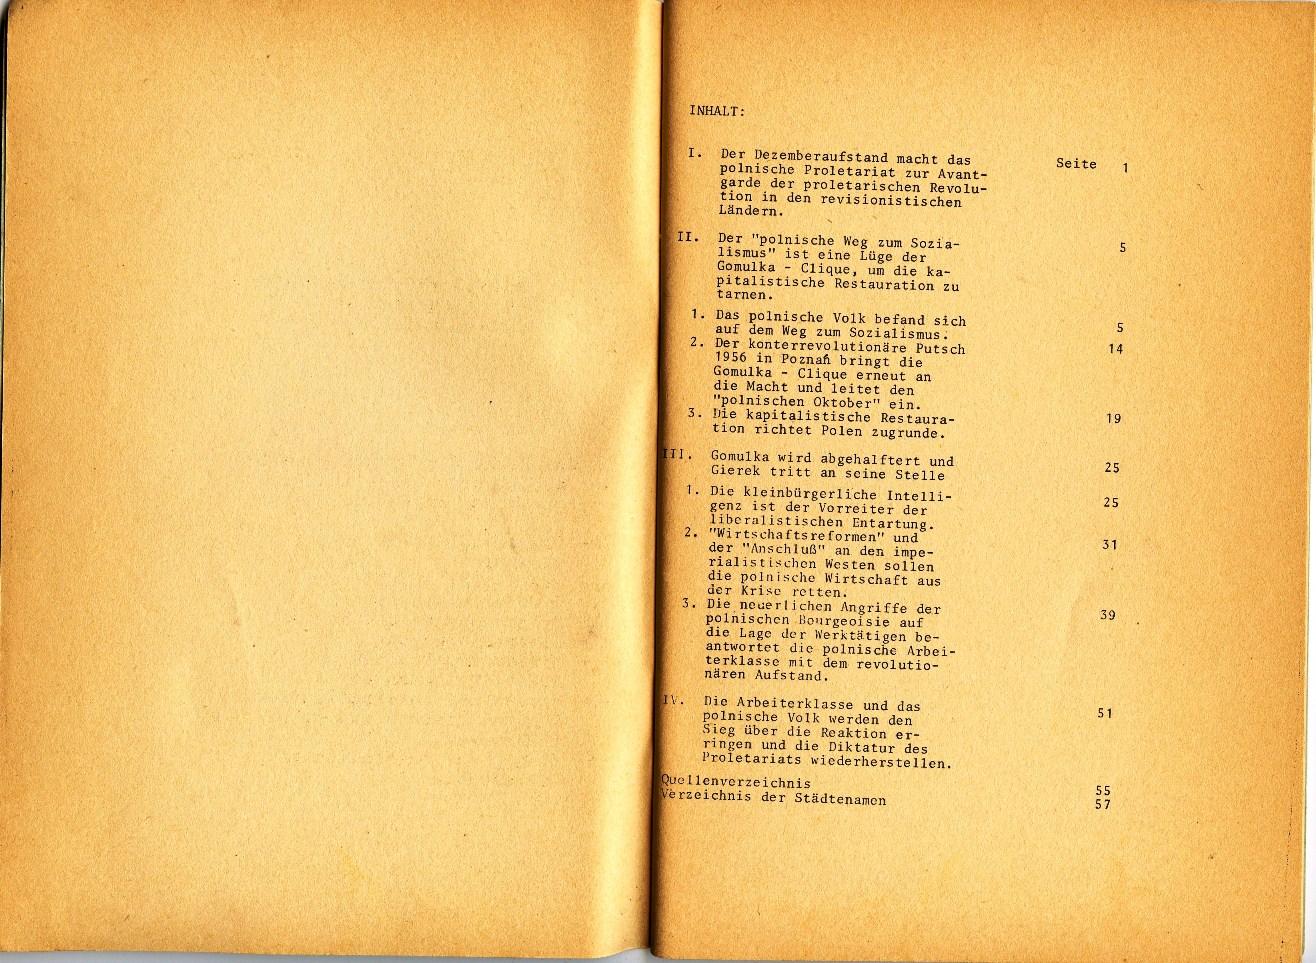 ZB_Polen_Aufstand_1971_03